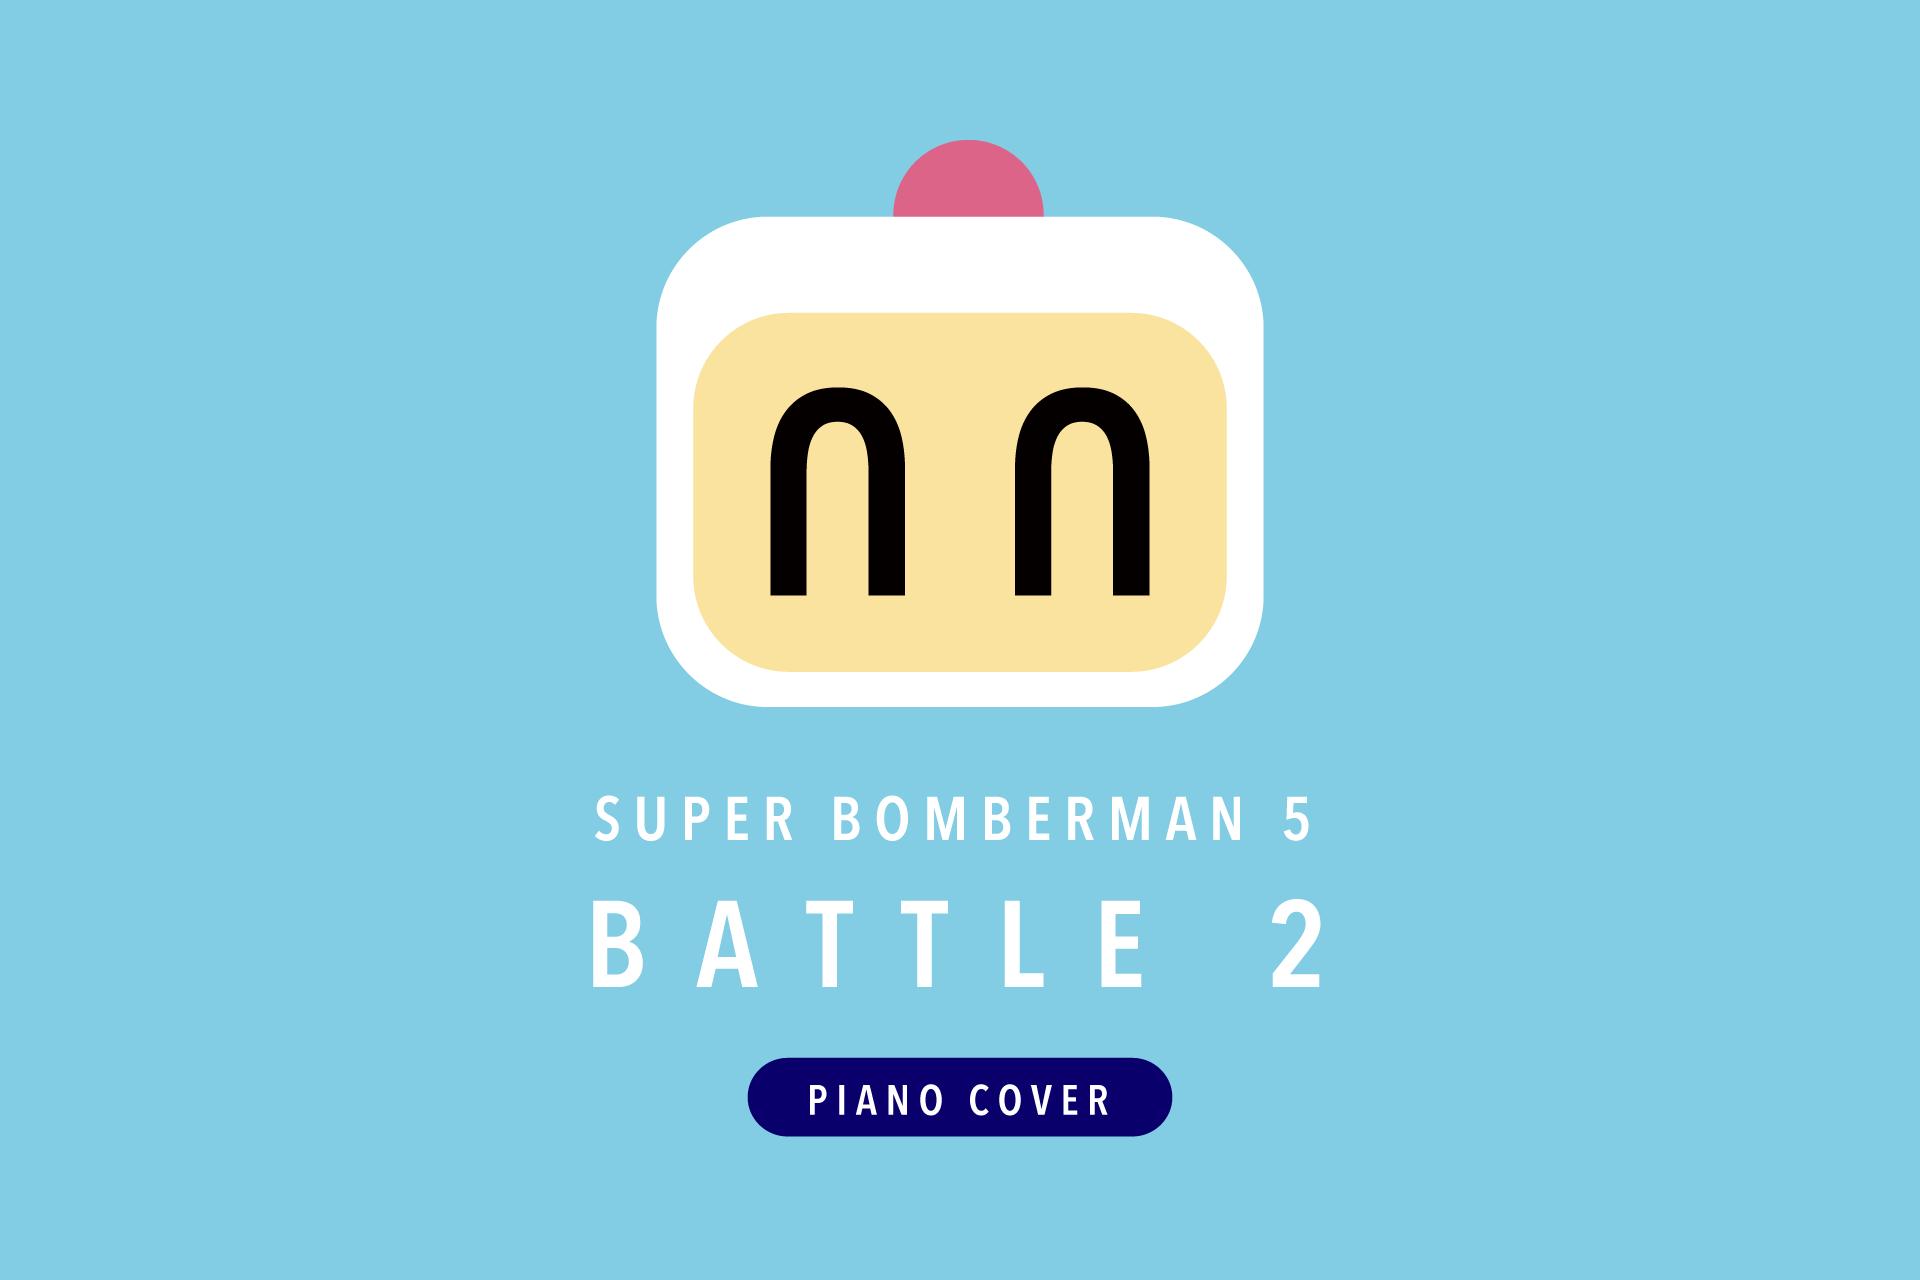 Battle 2 - SUPER BOMBERMAN 5 (Piano Version)